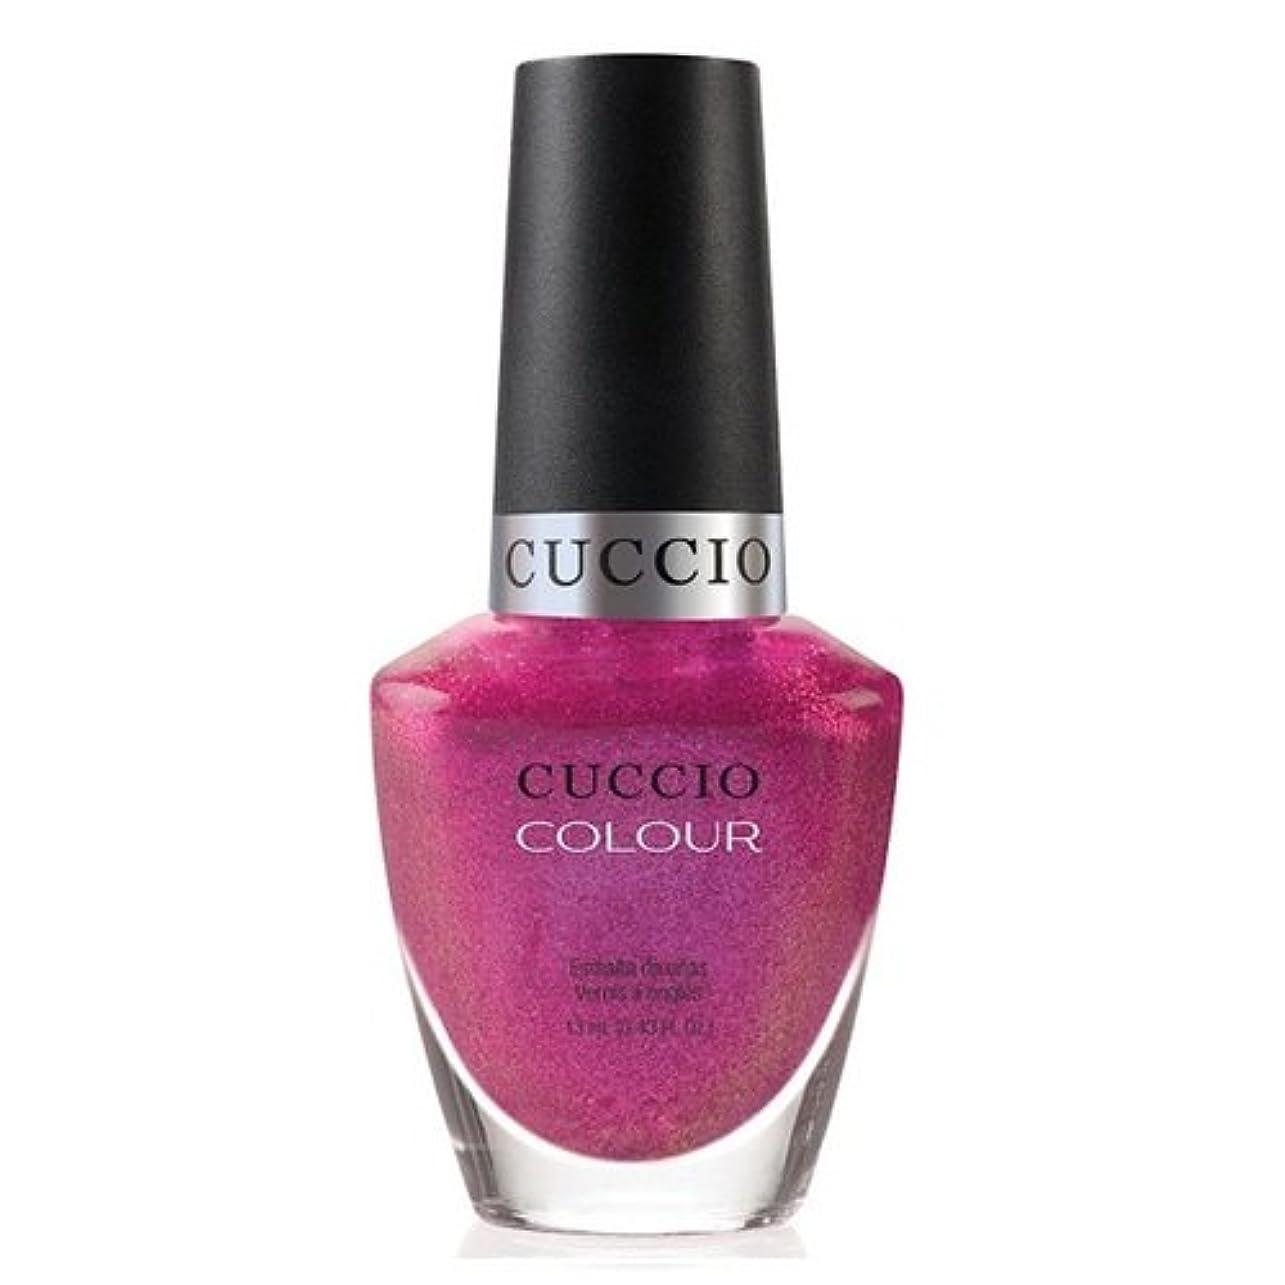 ラップ羊師匠Cuccio Colour Gloss Lacquer - Femme Fatale - 0.43oz/13ml